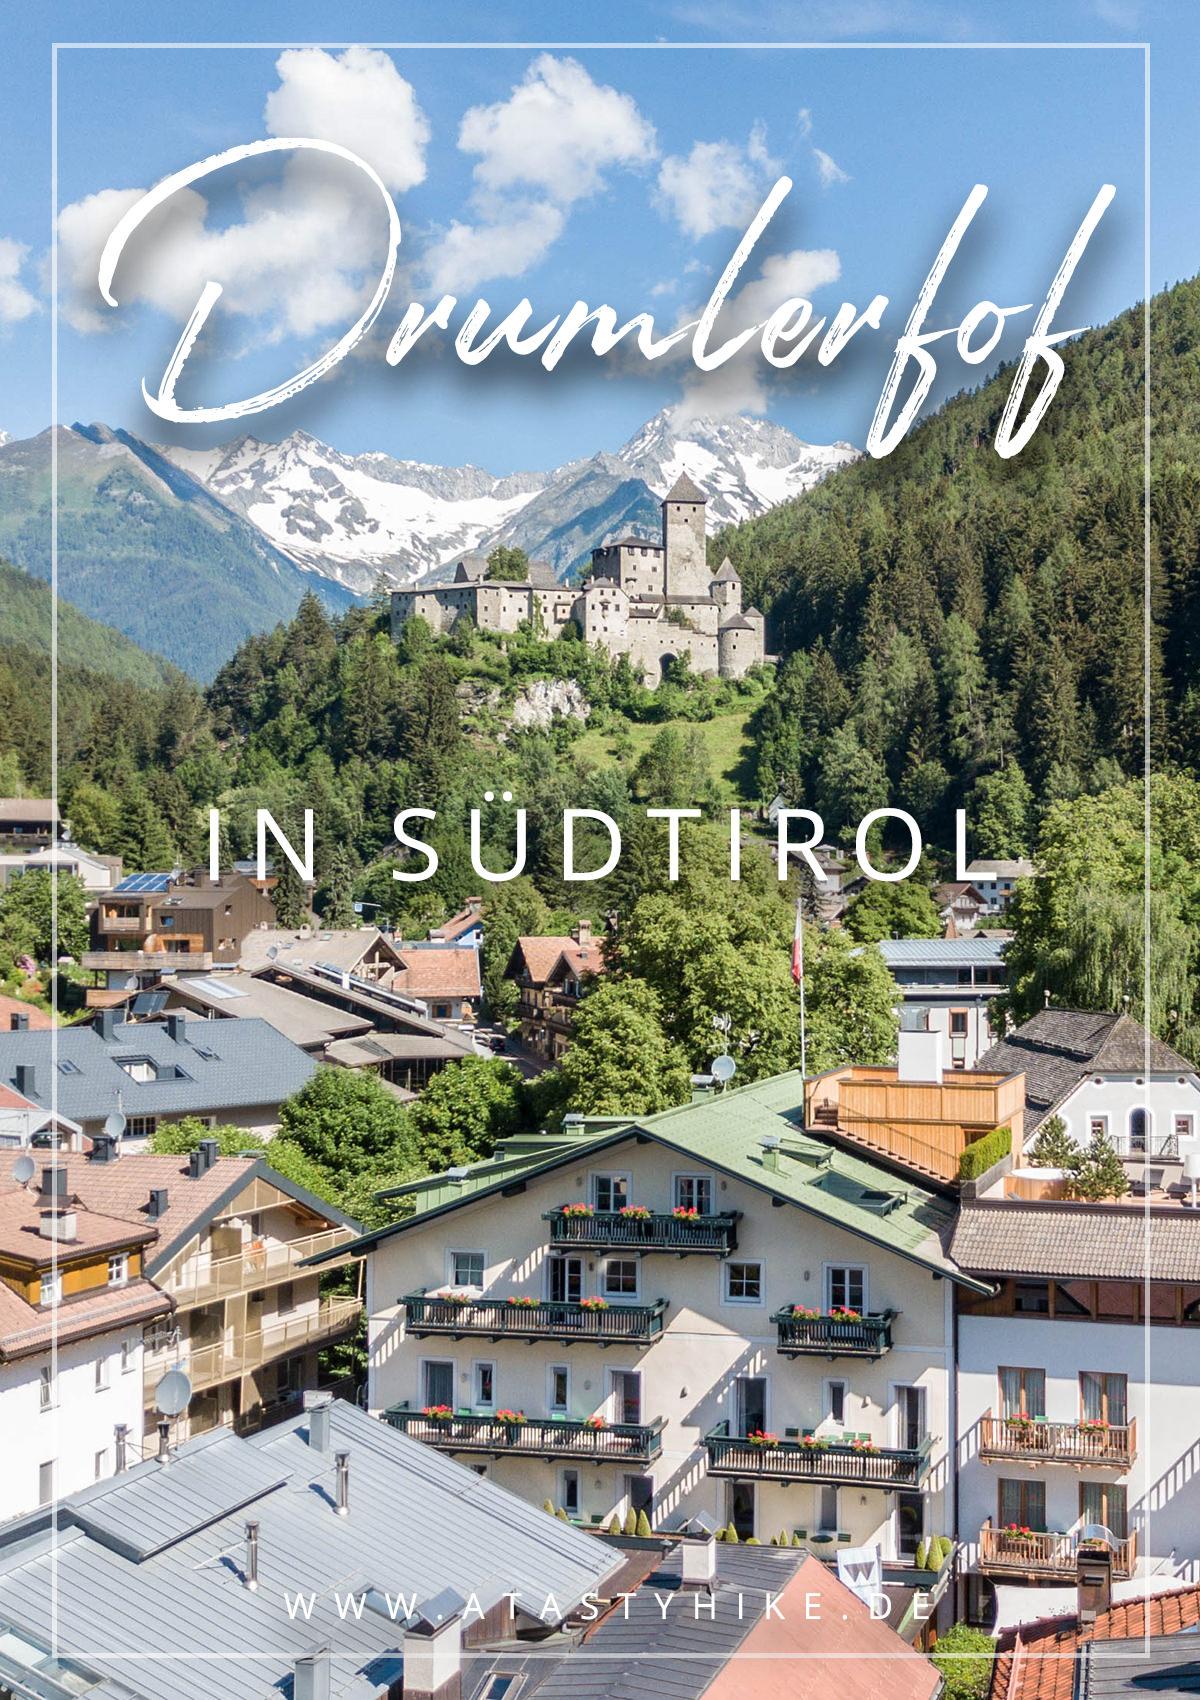 Übernachten in Südtirol - Der Drumlerhof ist die perfekte Adresse für deinen nächsten Wanderurlaub. Mitten in Sand in Taufers gelegen, befindet er sich in direkter Umgebung toller Wandergebiete! Für einen tollen Wanderurlaub in Südtirol! #Wandern #Wanderurlaub #Südtirol